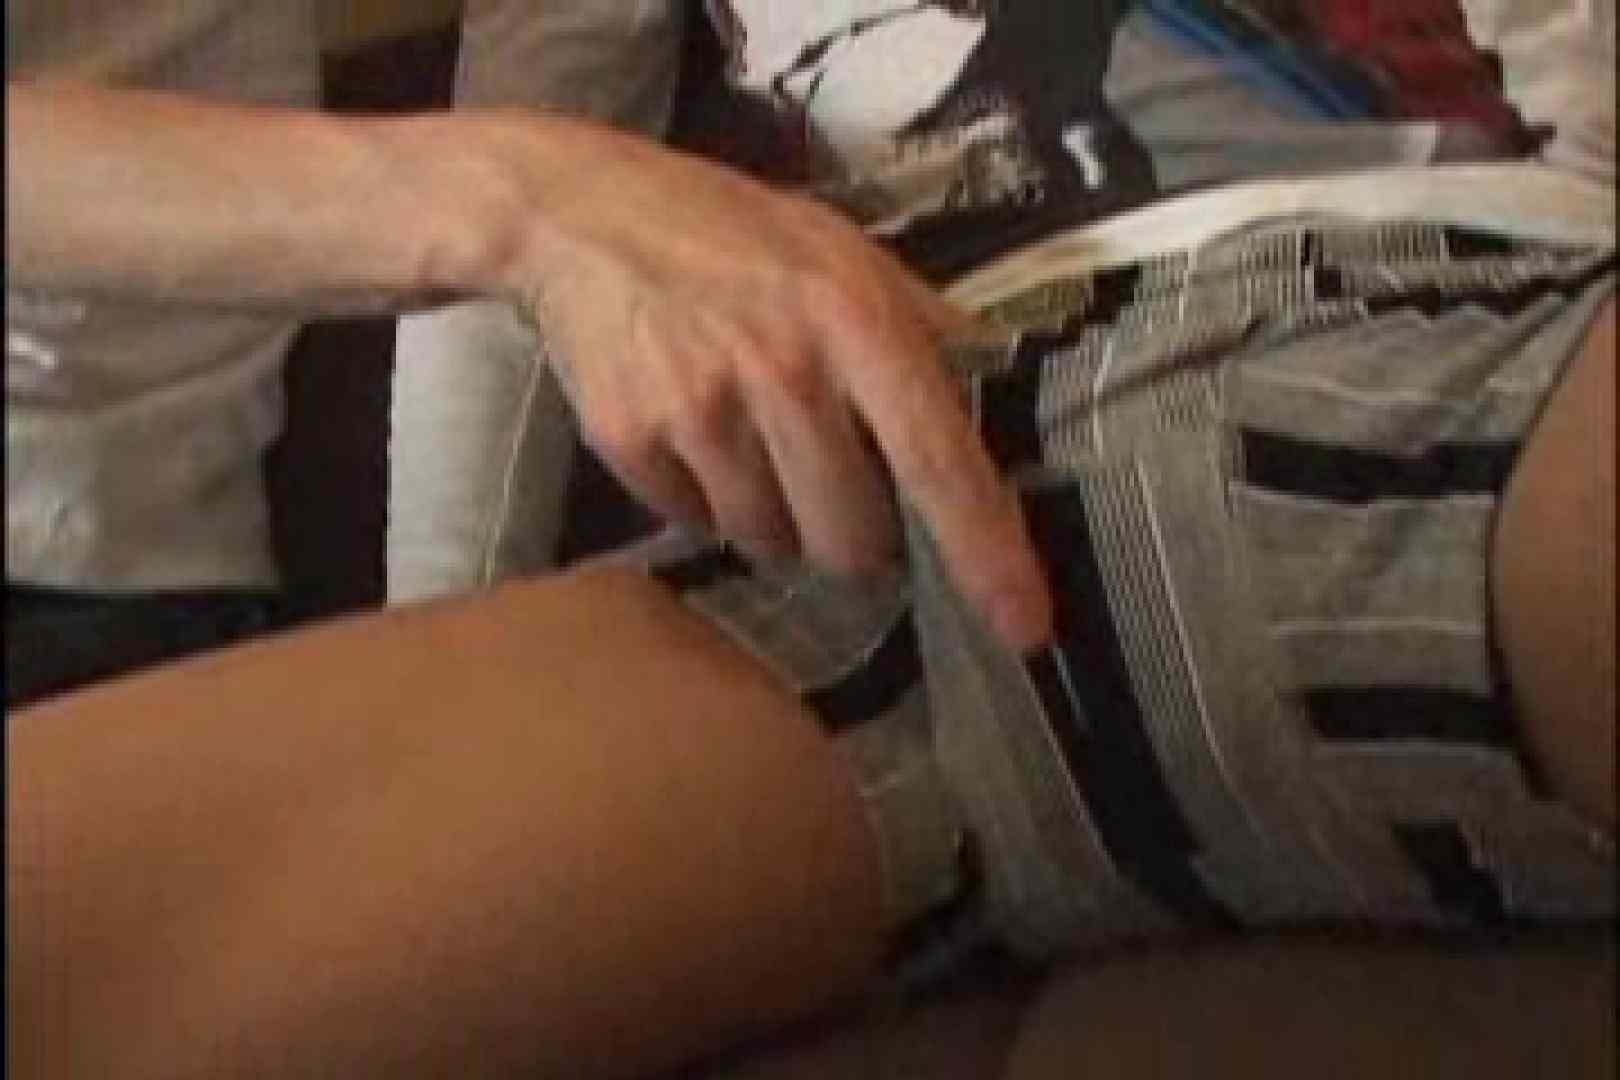 美men'sたちのAna the World vol.05 ペニス動画 ゲイセックス画像 105pic 50